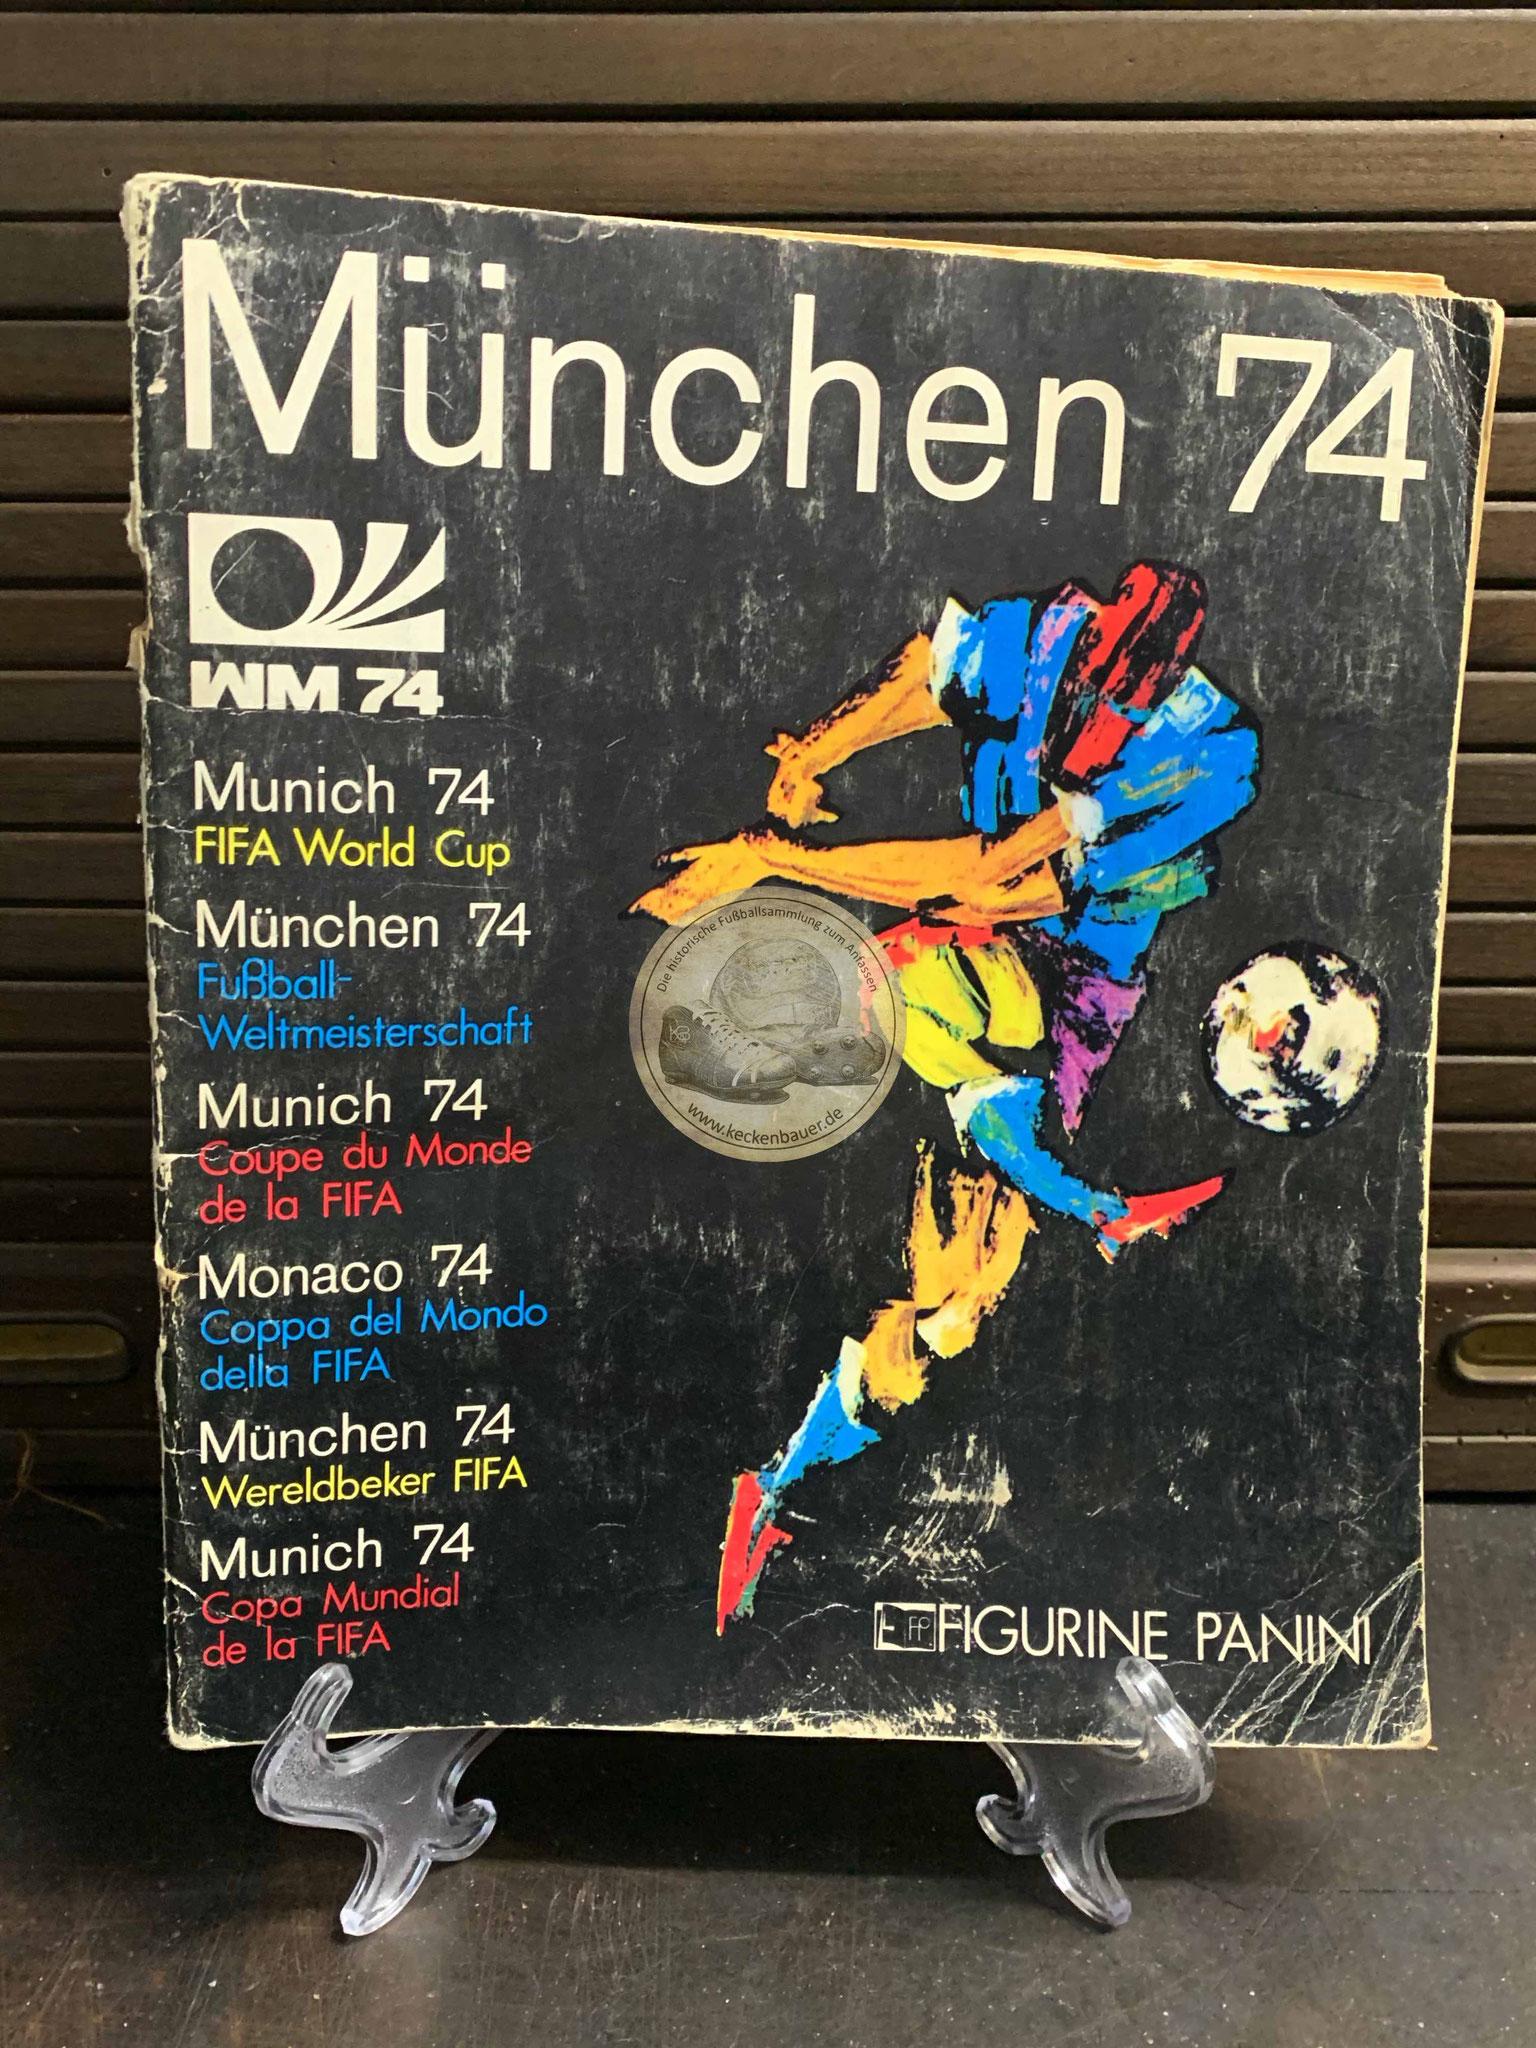 Panini Album von der WM 1974 in Deutschland